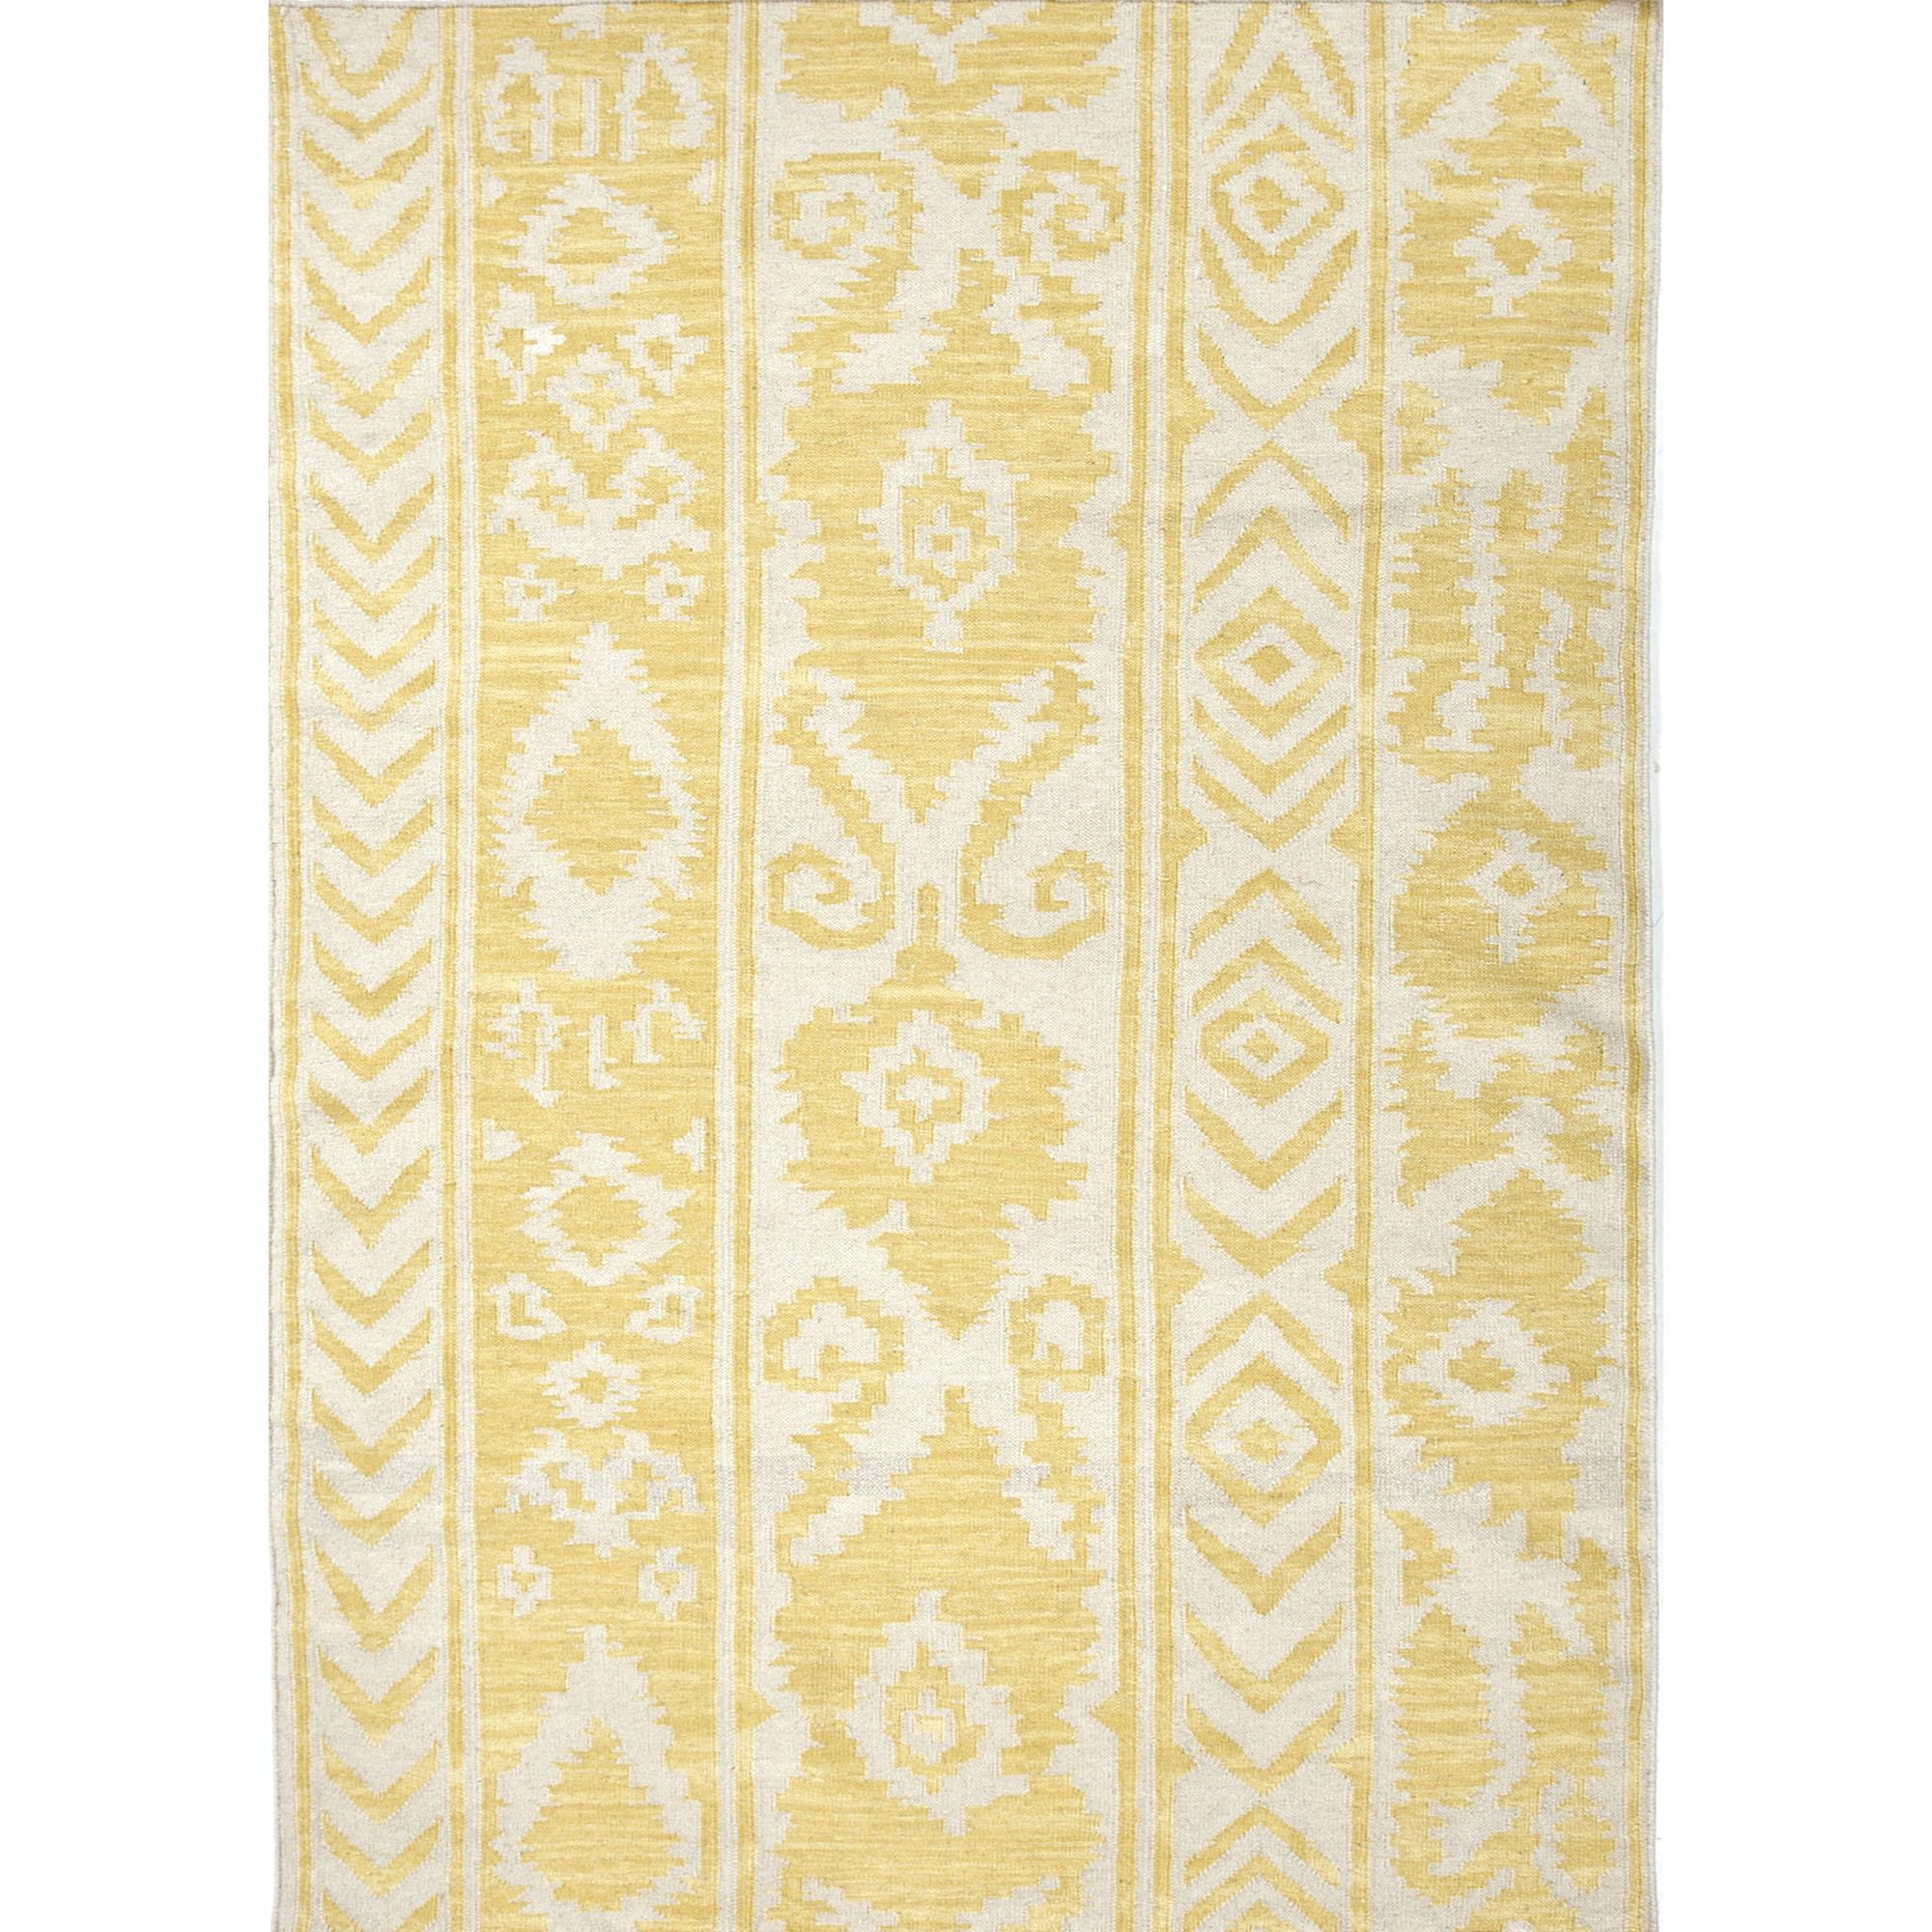 JAIPUR Rugs Urban Bungalow 3.6 x 5.6 Rug - Item Number: RUG102559